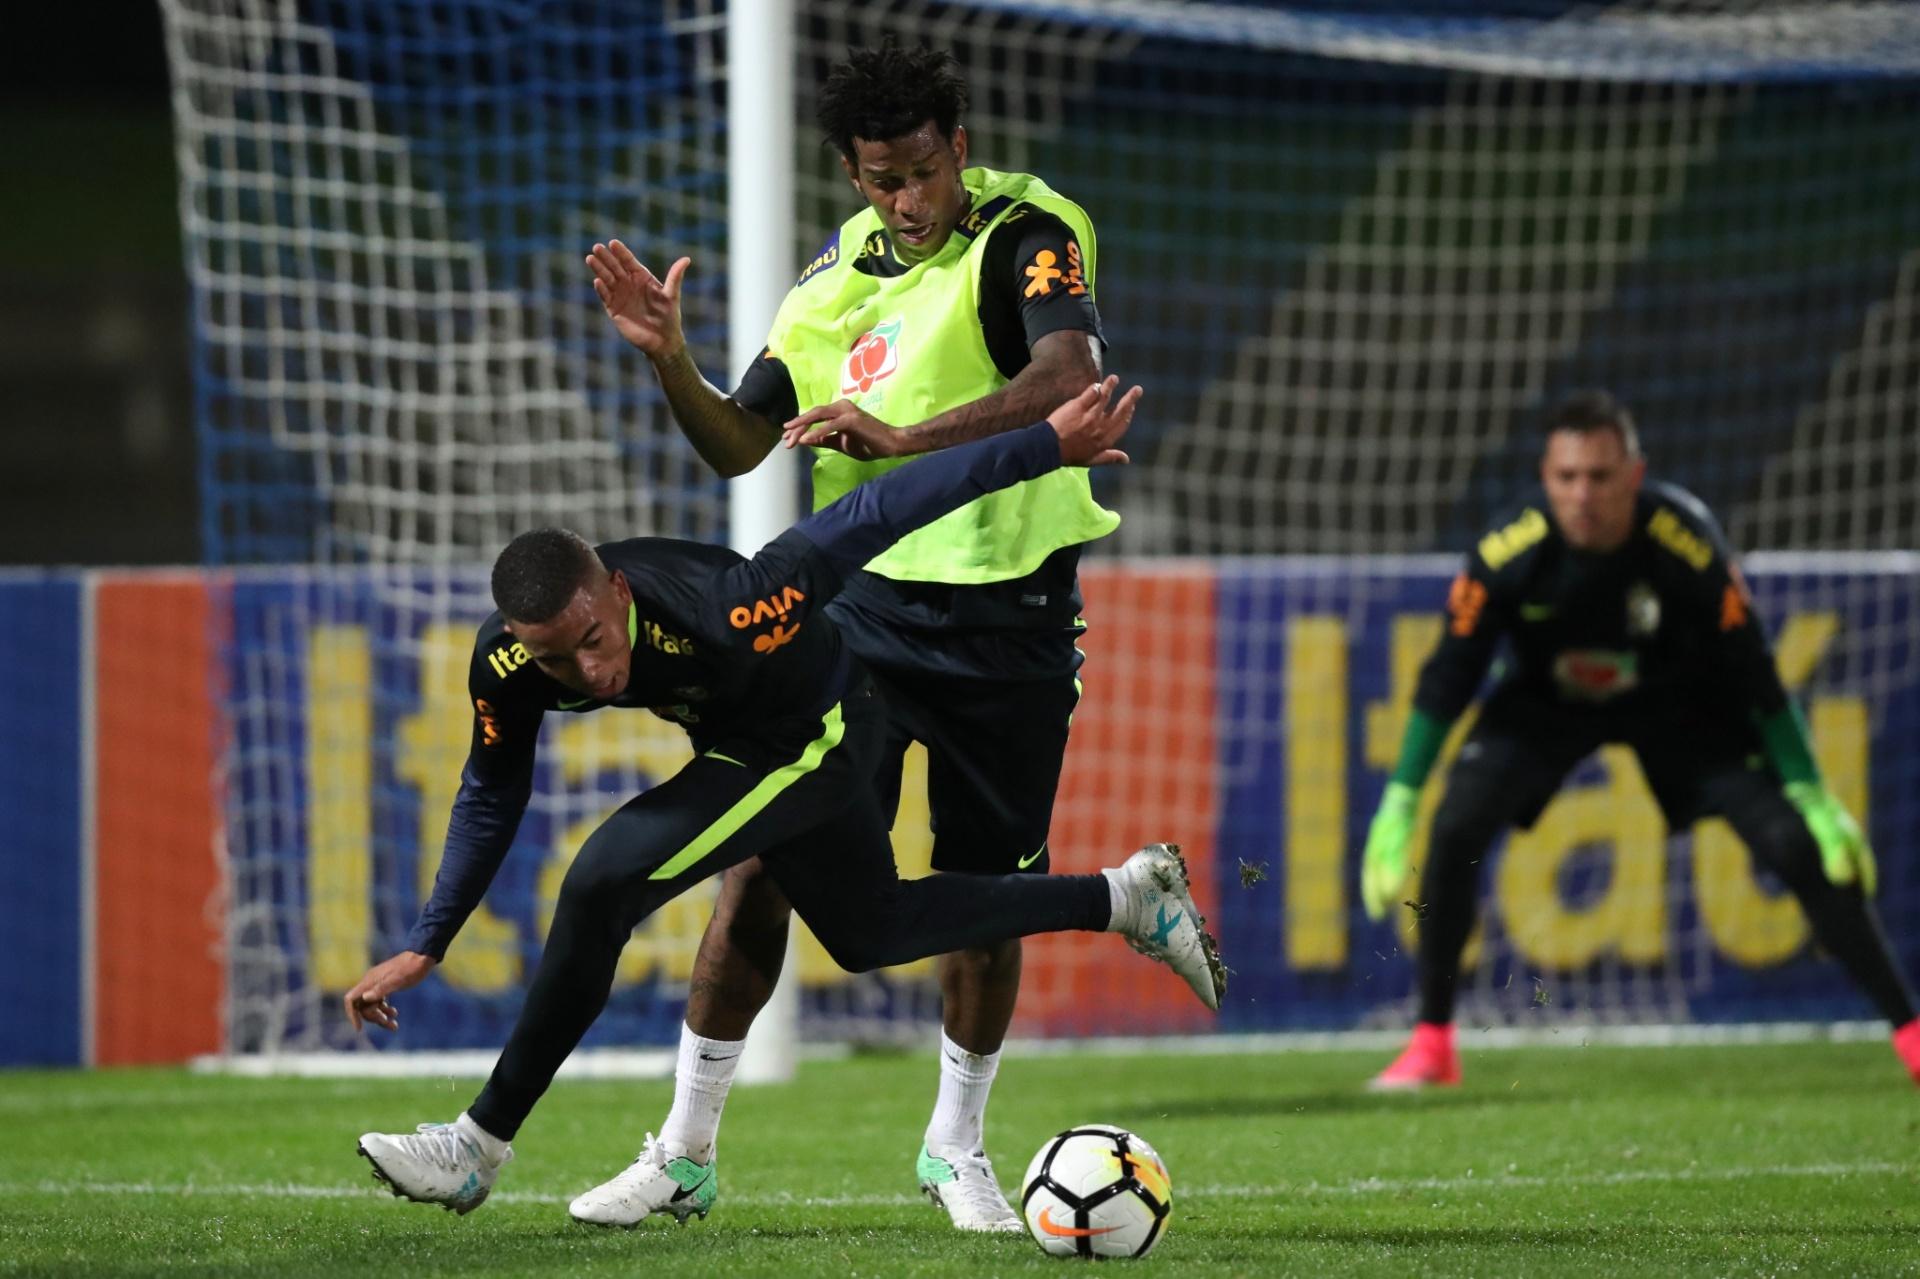 2ce05d7714 Seleção brasileira faz 1º treino em campo na Austrália para amistosos -  05 06 2017 - UOL Esporte